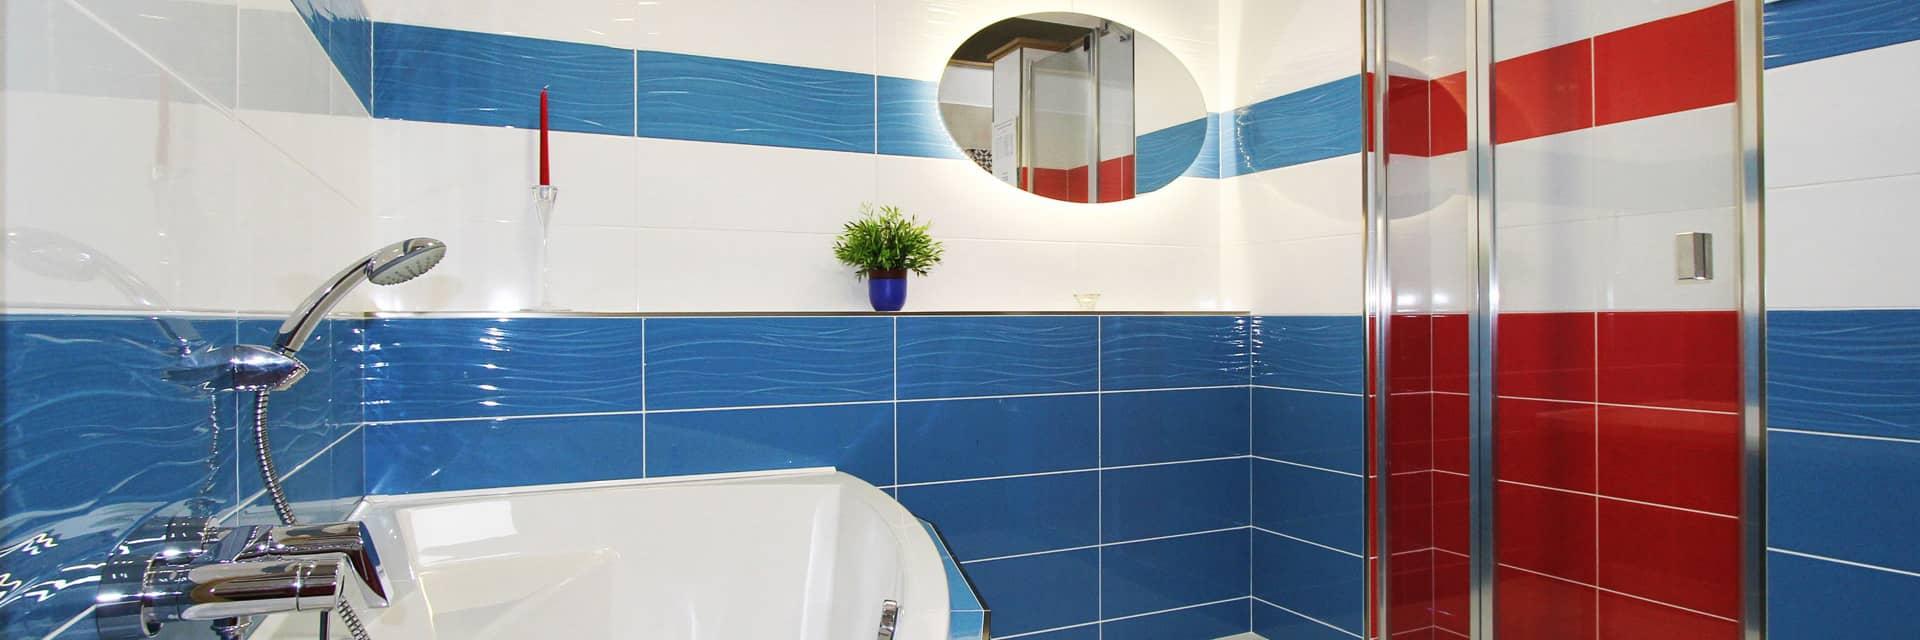 Koupelny-Sota-Kuchyne-Sota-slide-7